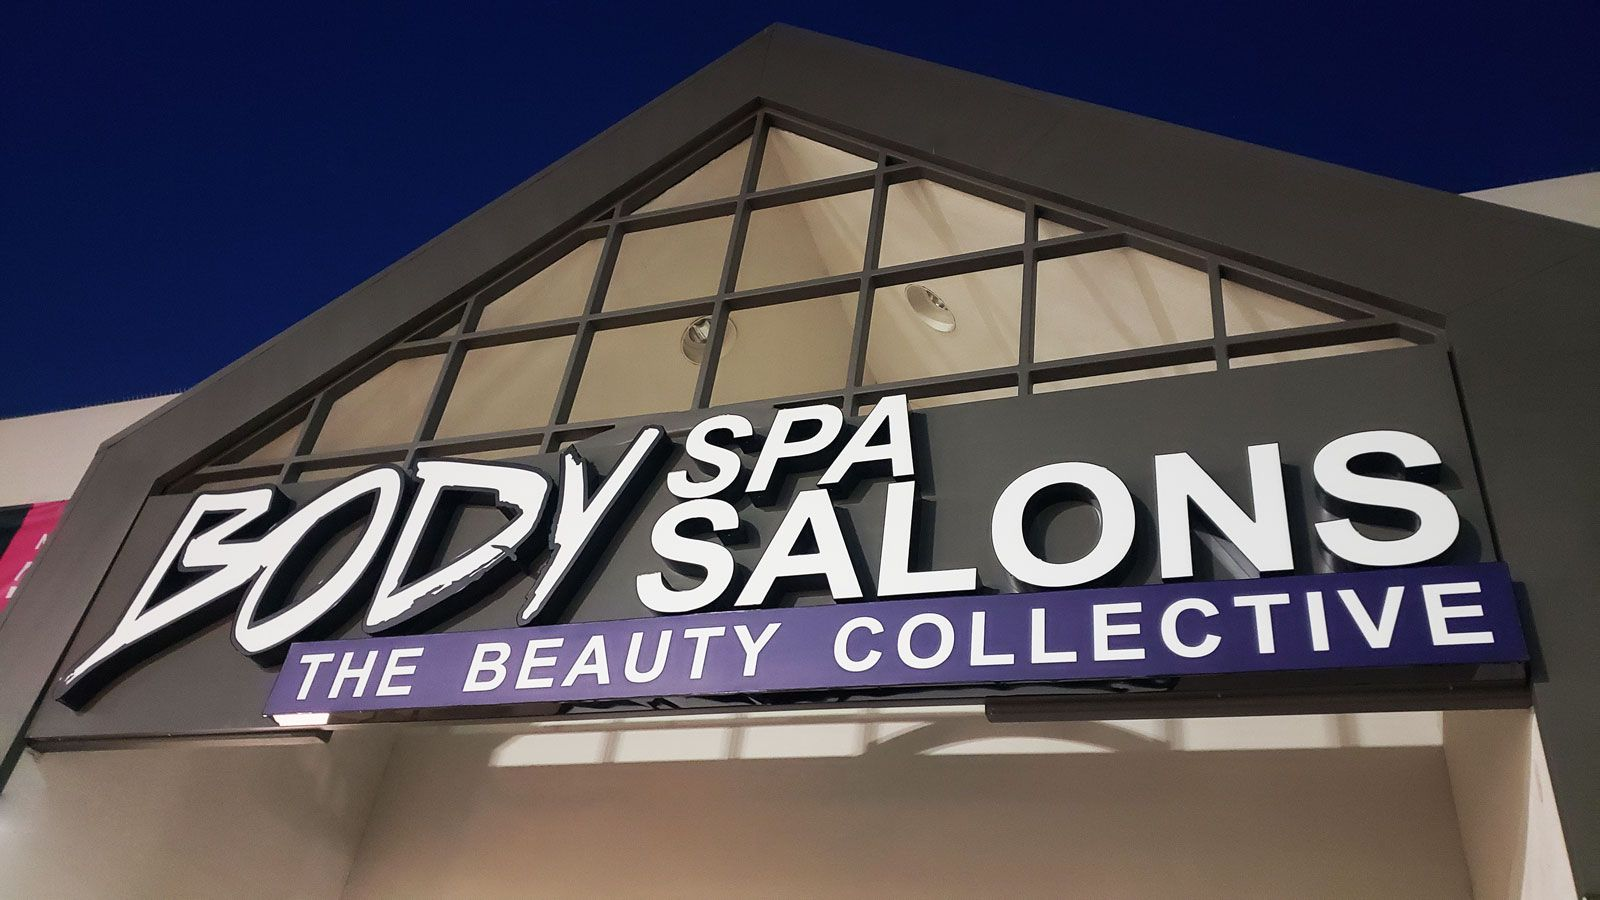 Spa salon illuminated signs